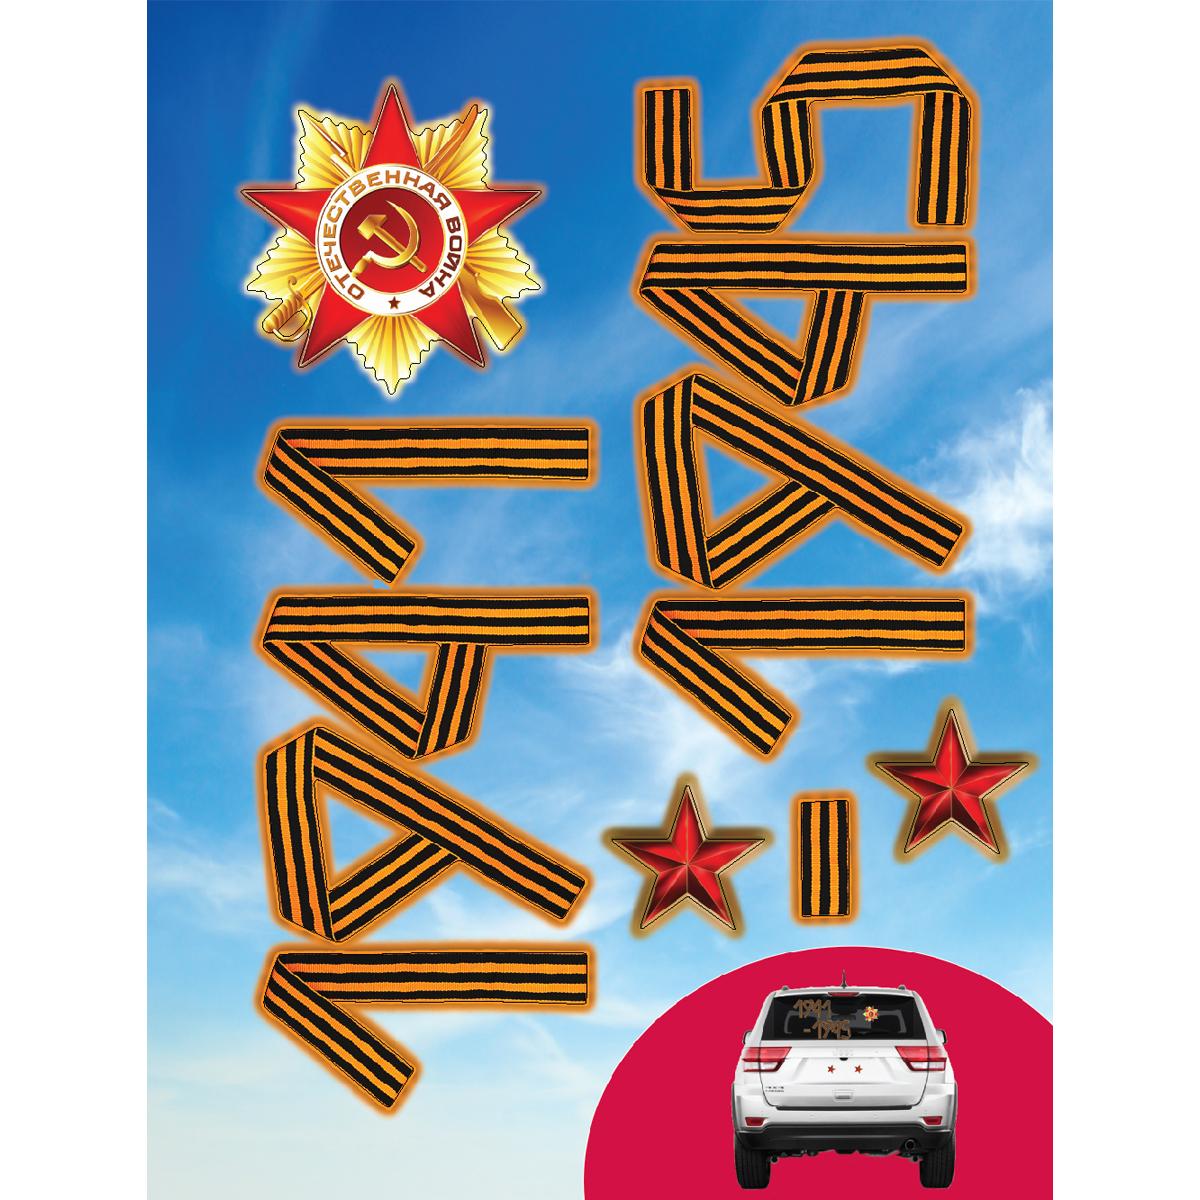 Наклейка автомобильная Decoretto Великая Отечественная, виниловая, 37 х 50 см decoretto картина 73 х 60 см девушка с катаной стекло